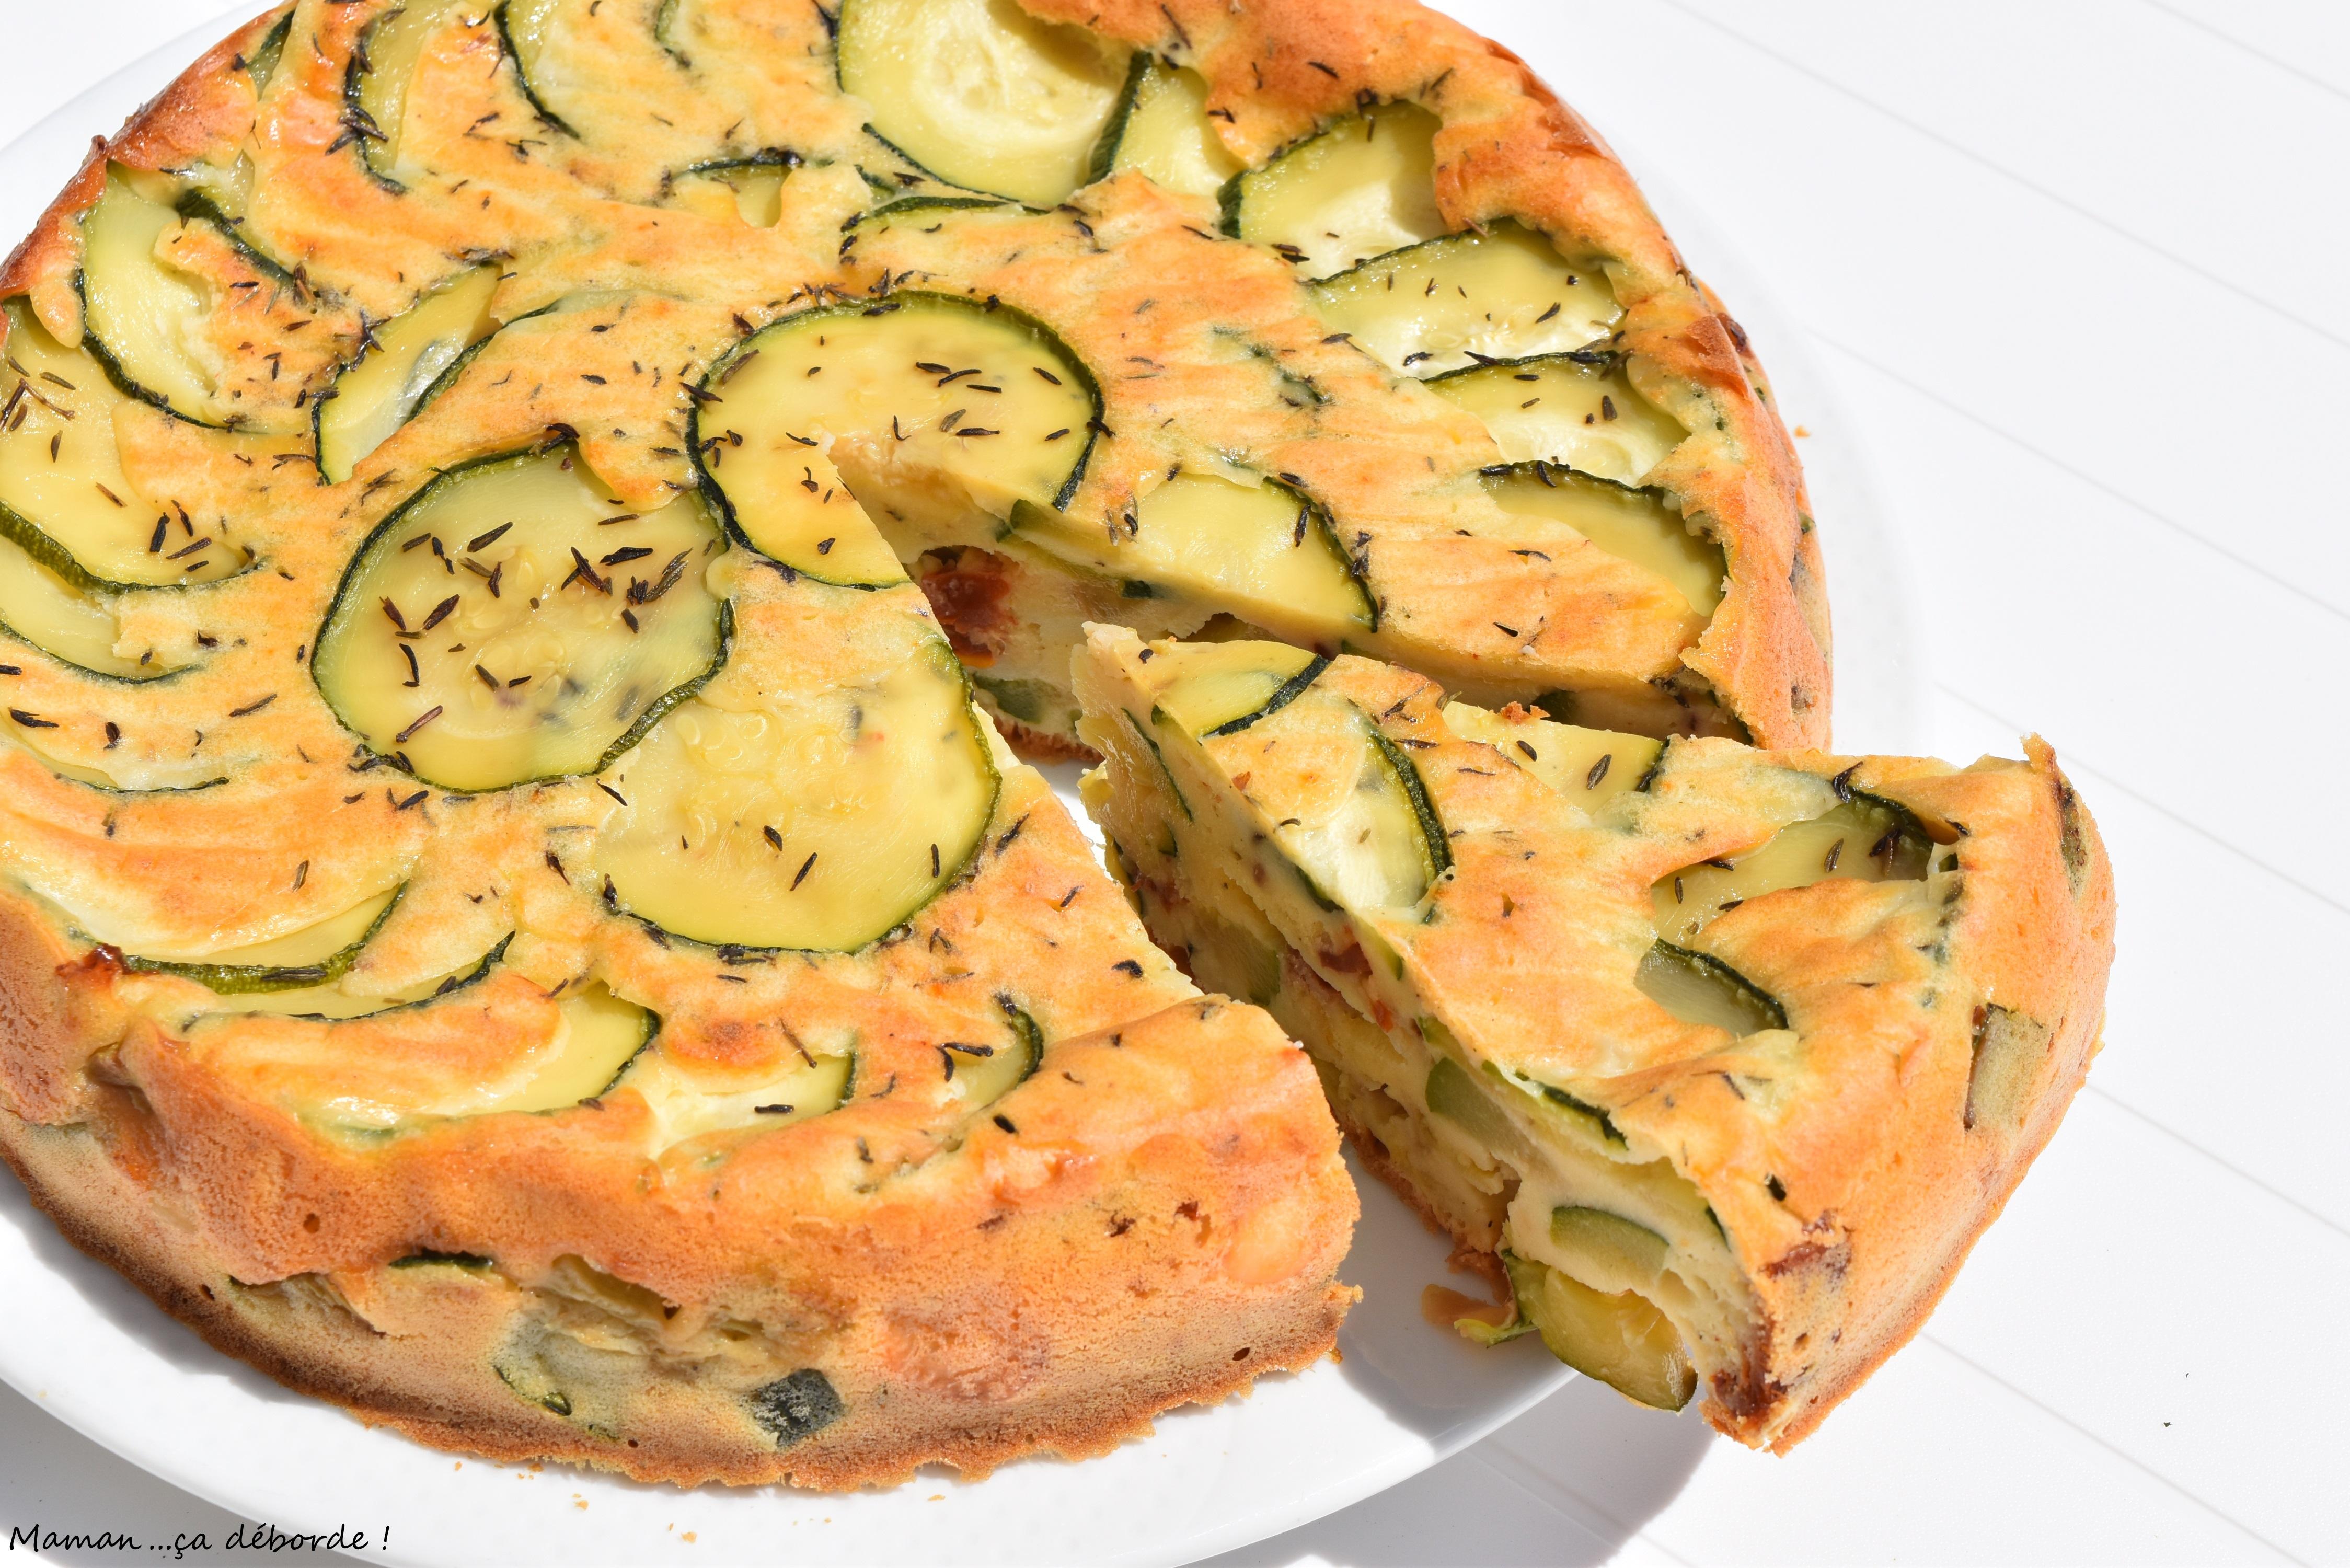 Gâteau renversé au yaourt et aux courgettes grillées1